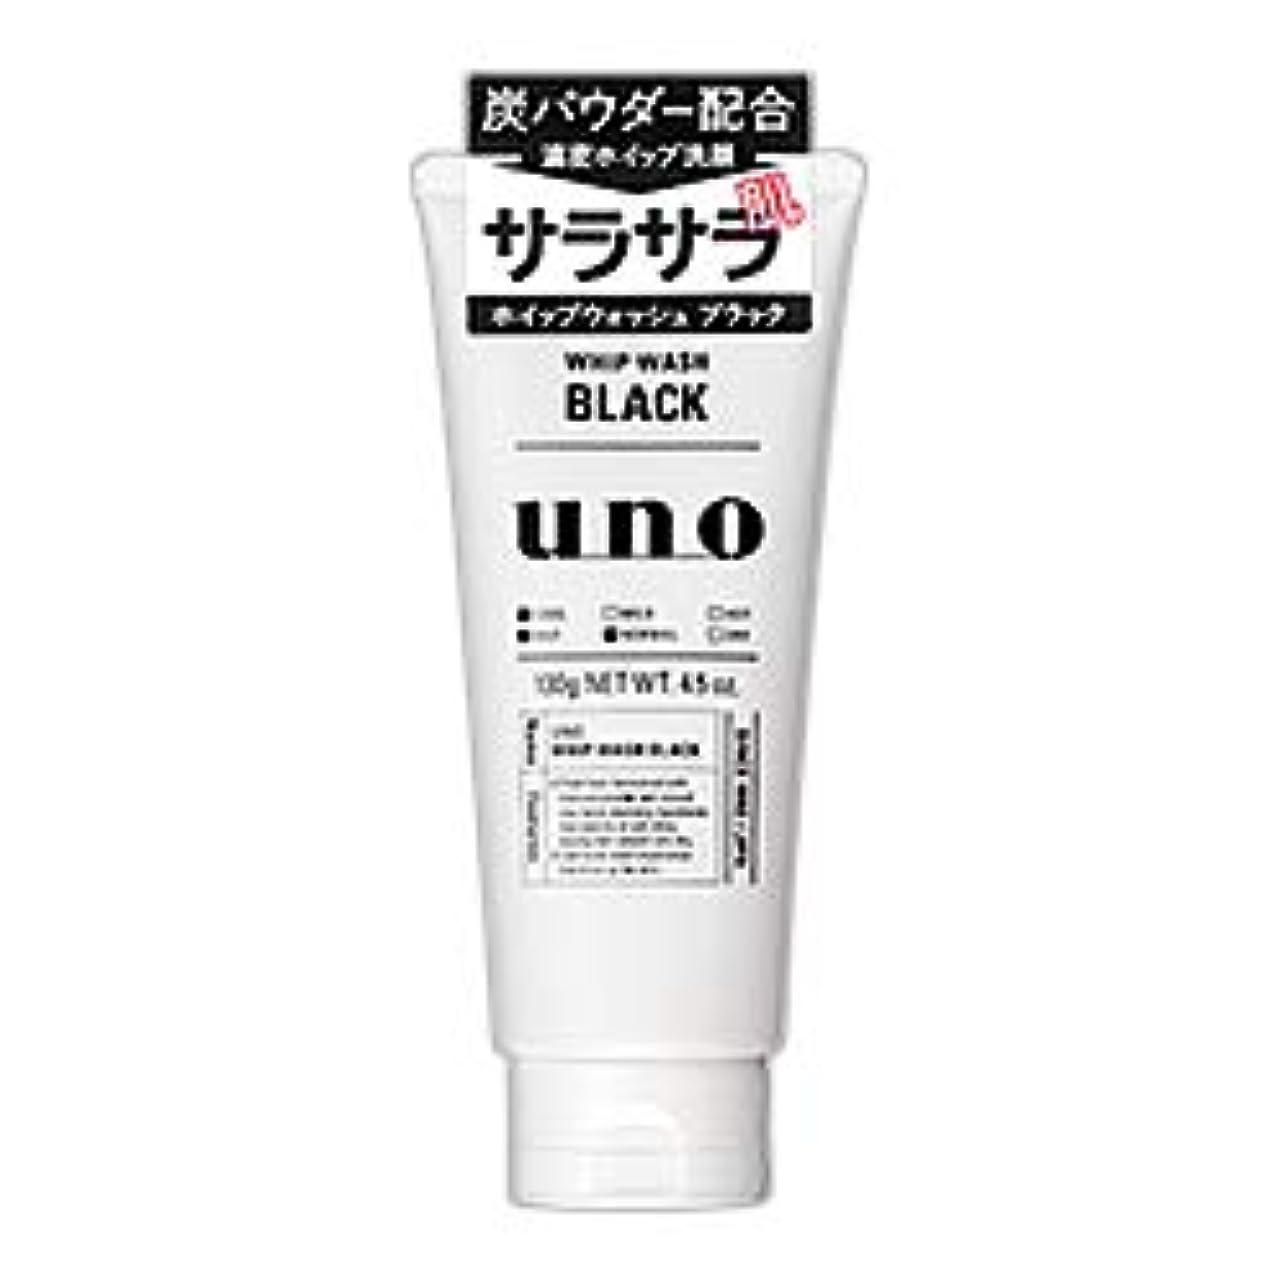 根拠リングバック同盟【資生堂】ウーノ(uno) ホイップウォッシュ (ブラック) 130g ×2個